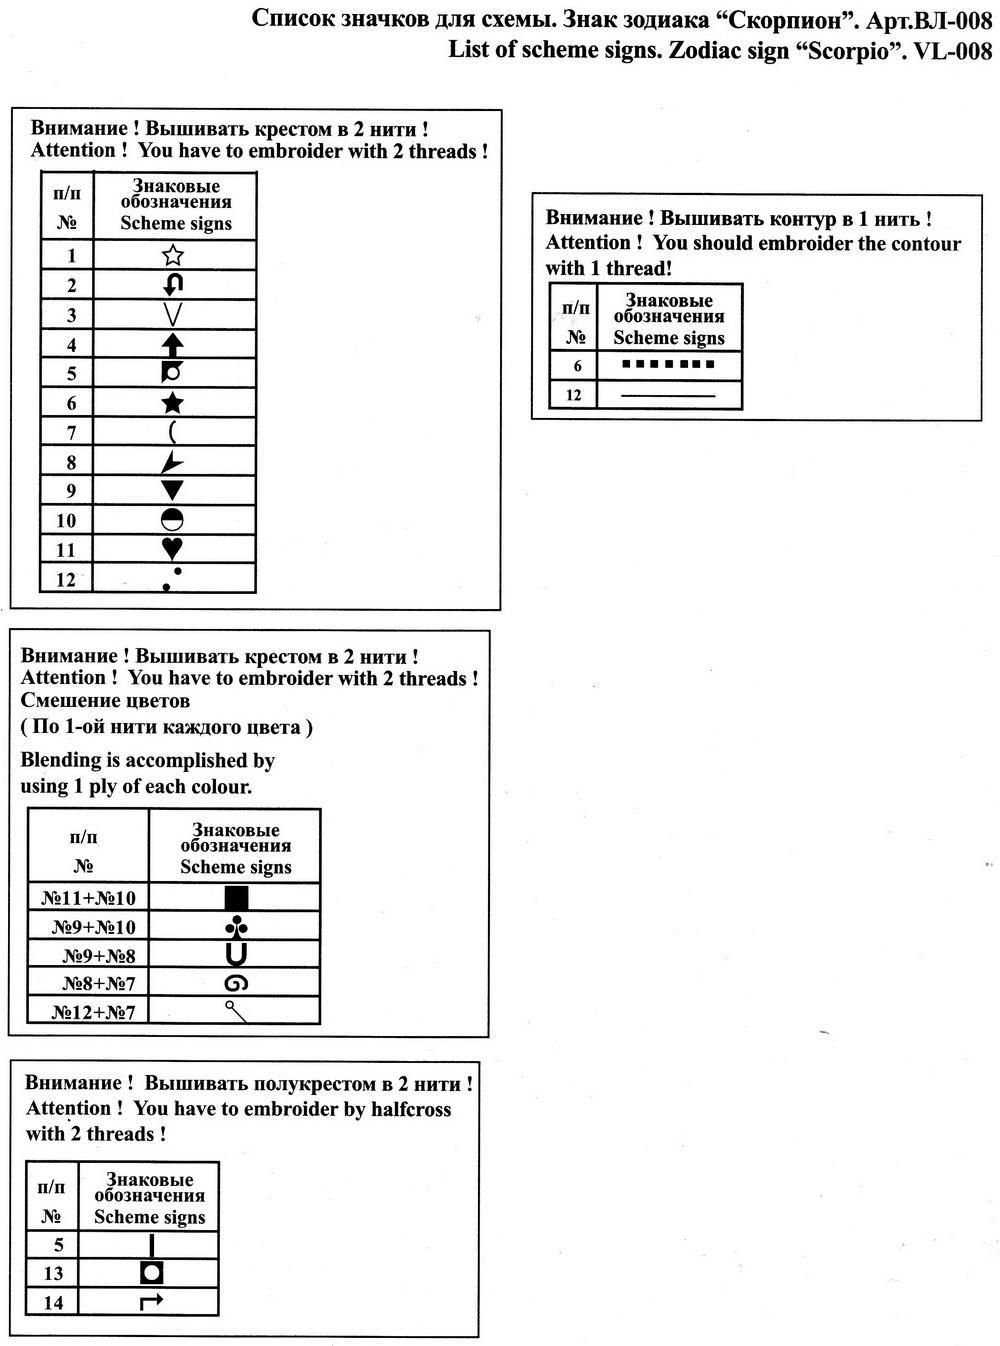 скорпион схема вышивки крестом